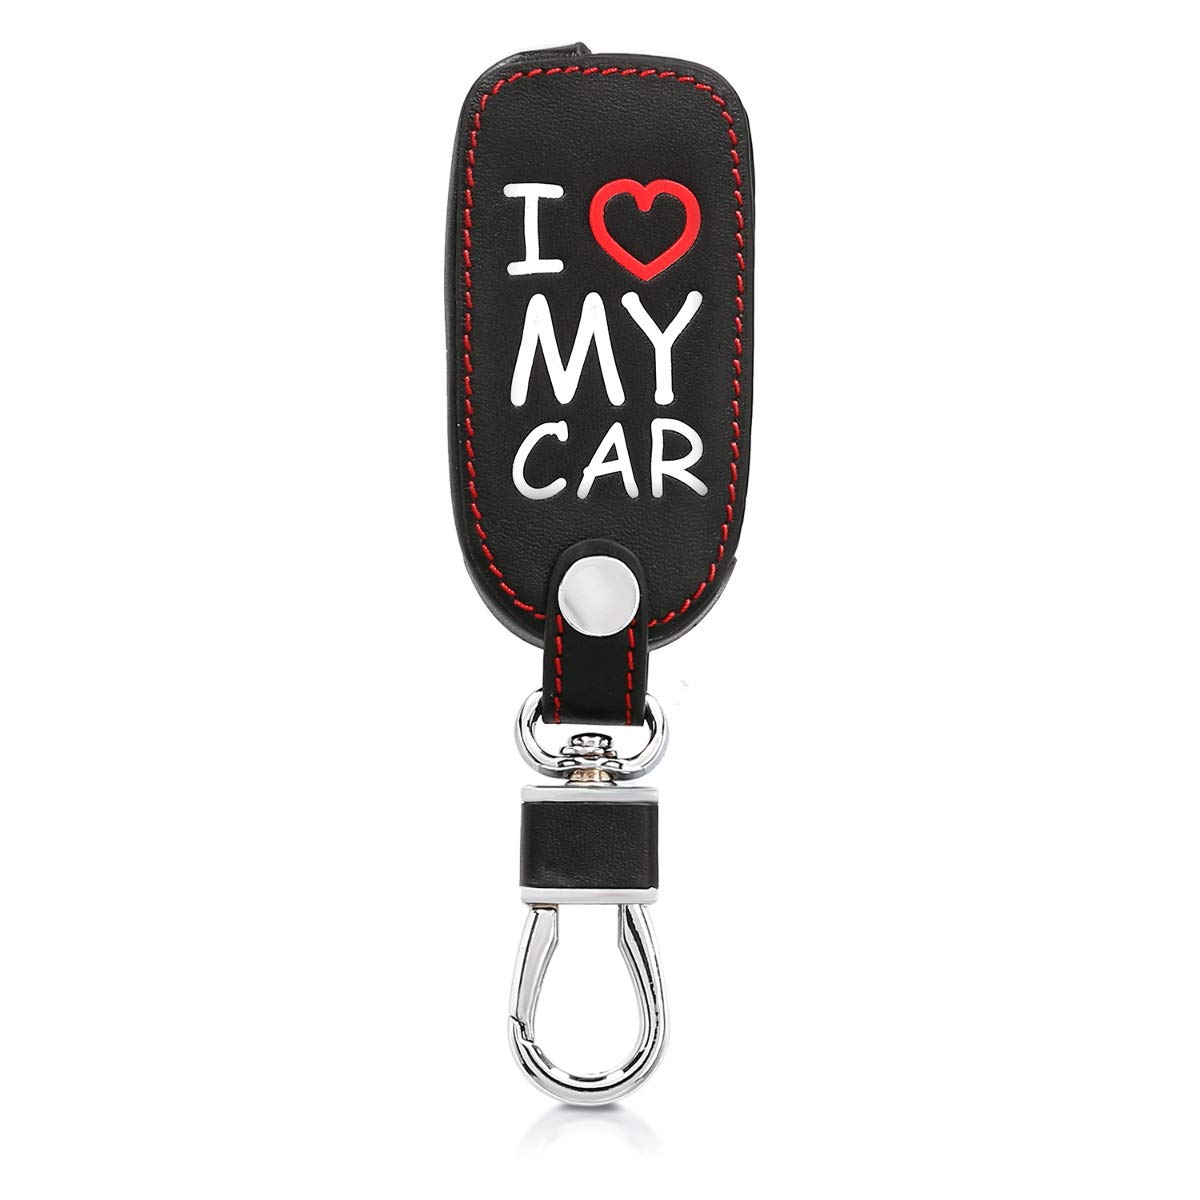 Cubierta de Cuero sint/ético - Case para Mando y Control de Auto en kwmobile Funda para Llave de 3 Botones para Coche VW Skoda Seat Antracita